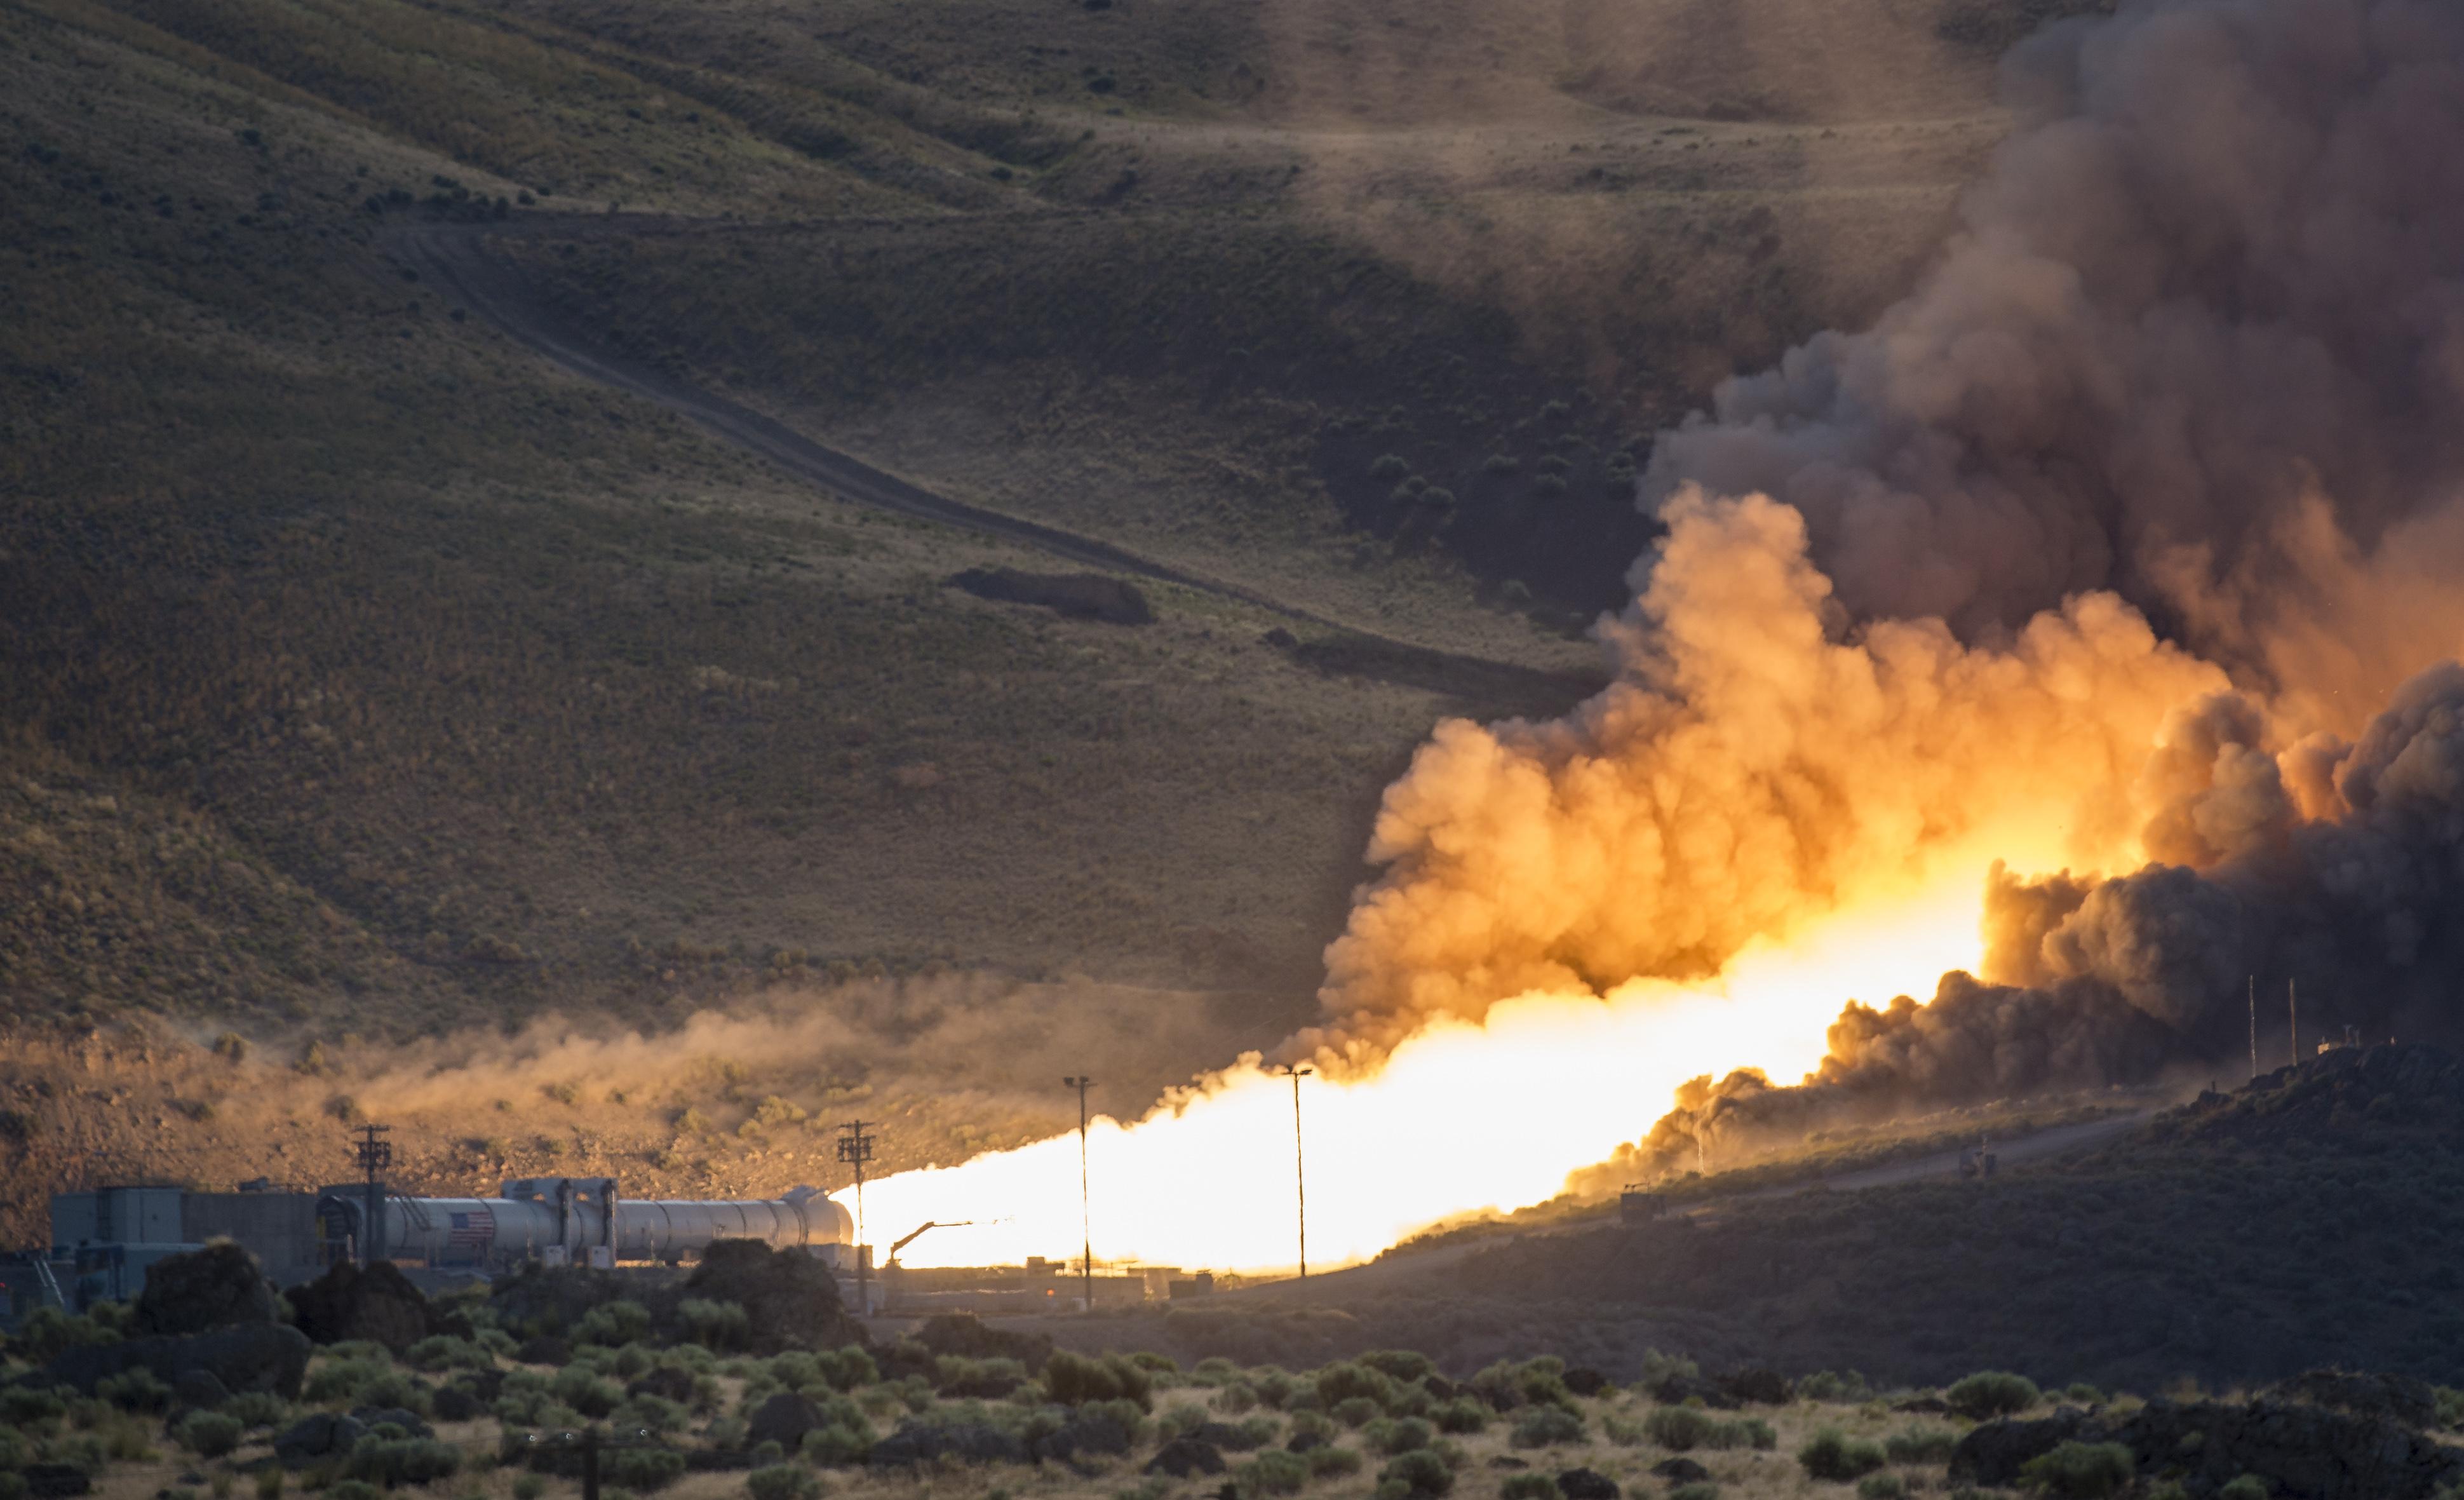 NASAs nye og enorme bæreraketter i Space Launch System hadde en vellykket test 28. juni 2016. Space Launch System skal frakte astronauter til månen og til Mars. Foto: NASA/B. Ingalls